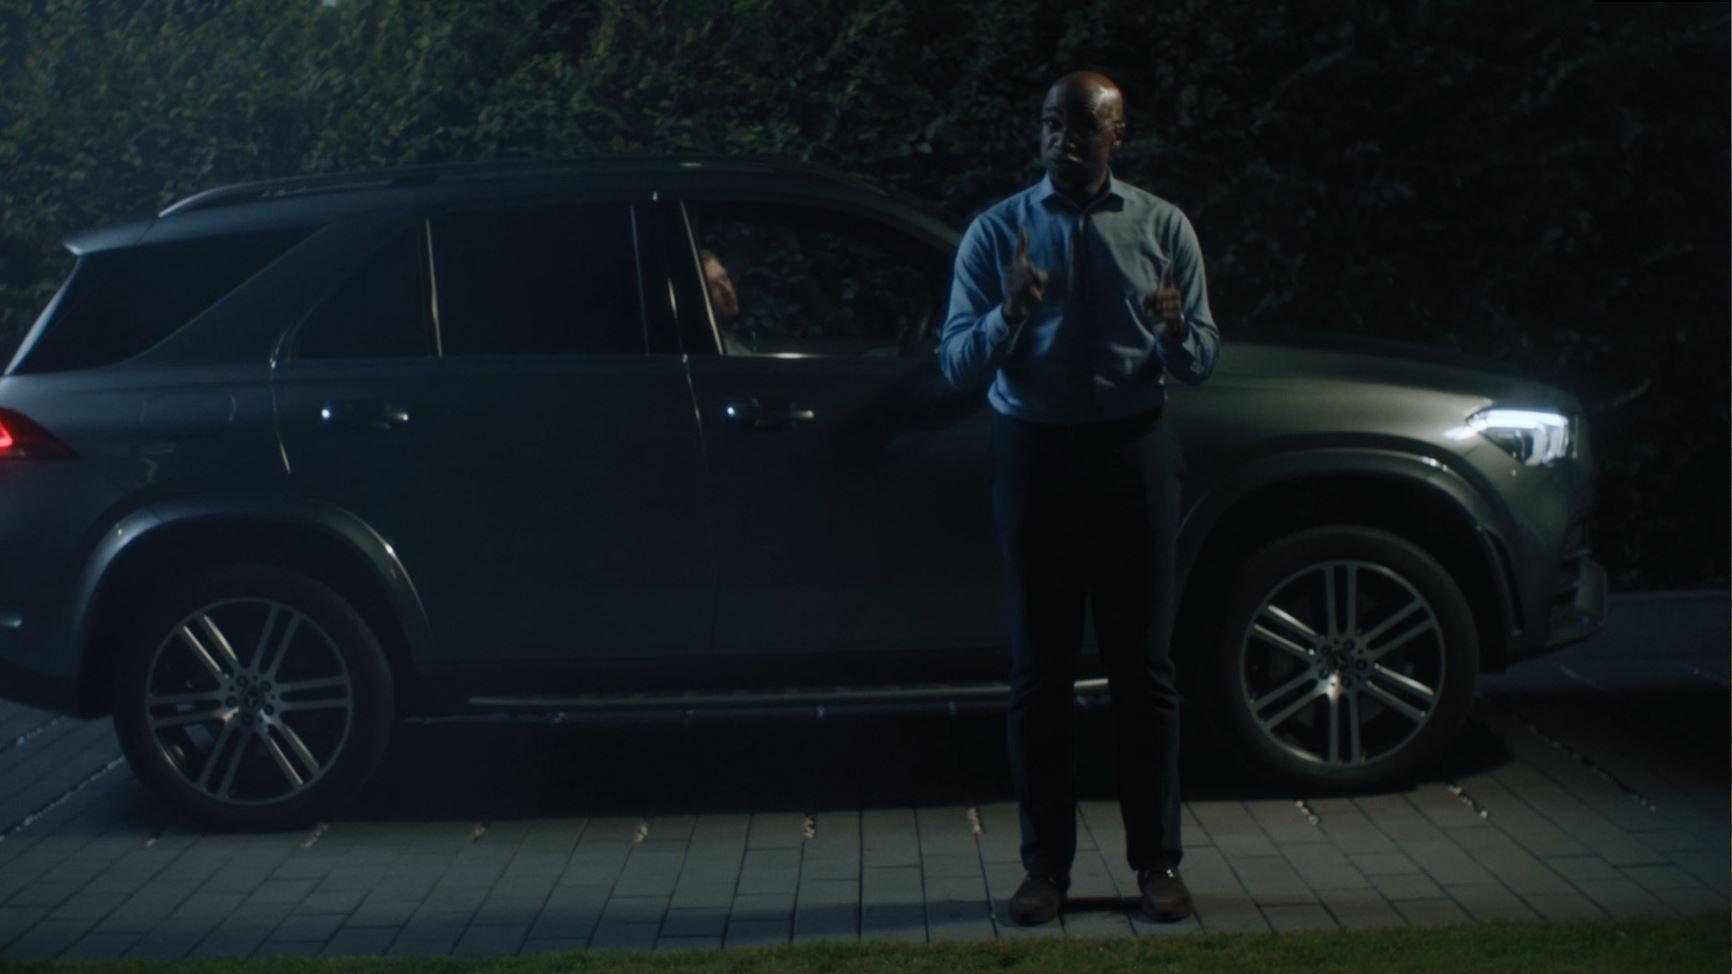 IAA 2019: So clever zeigt Mercedes-Benz die Vorzüge seines Voice Assistant